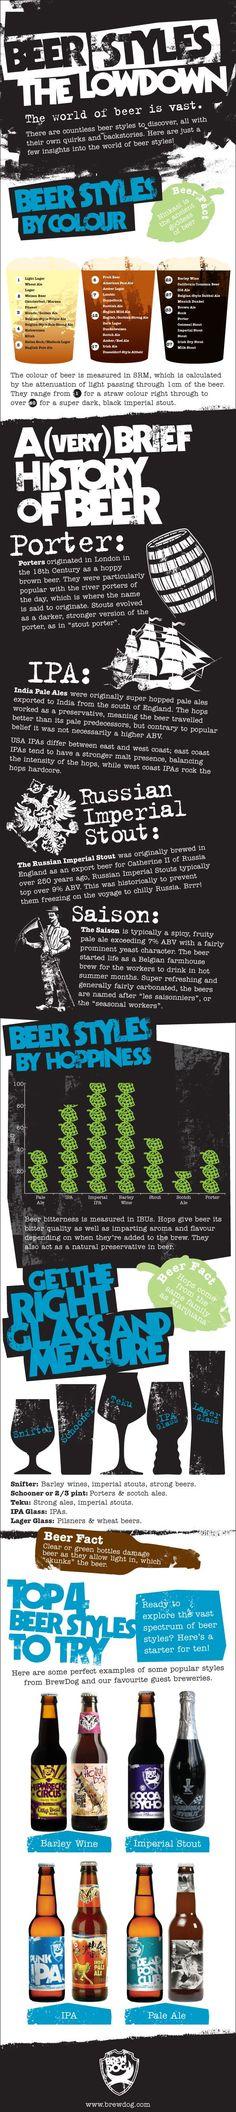 Breve historia de los #estilos de #cerveza